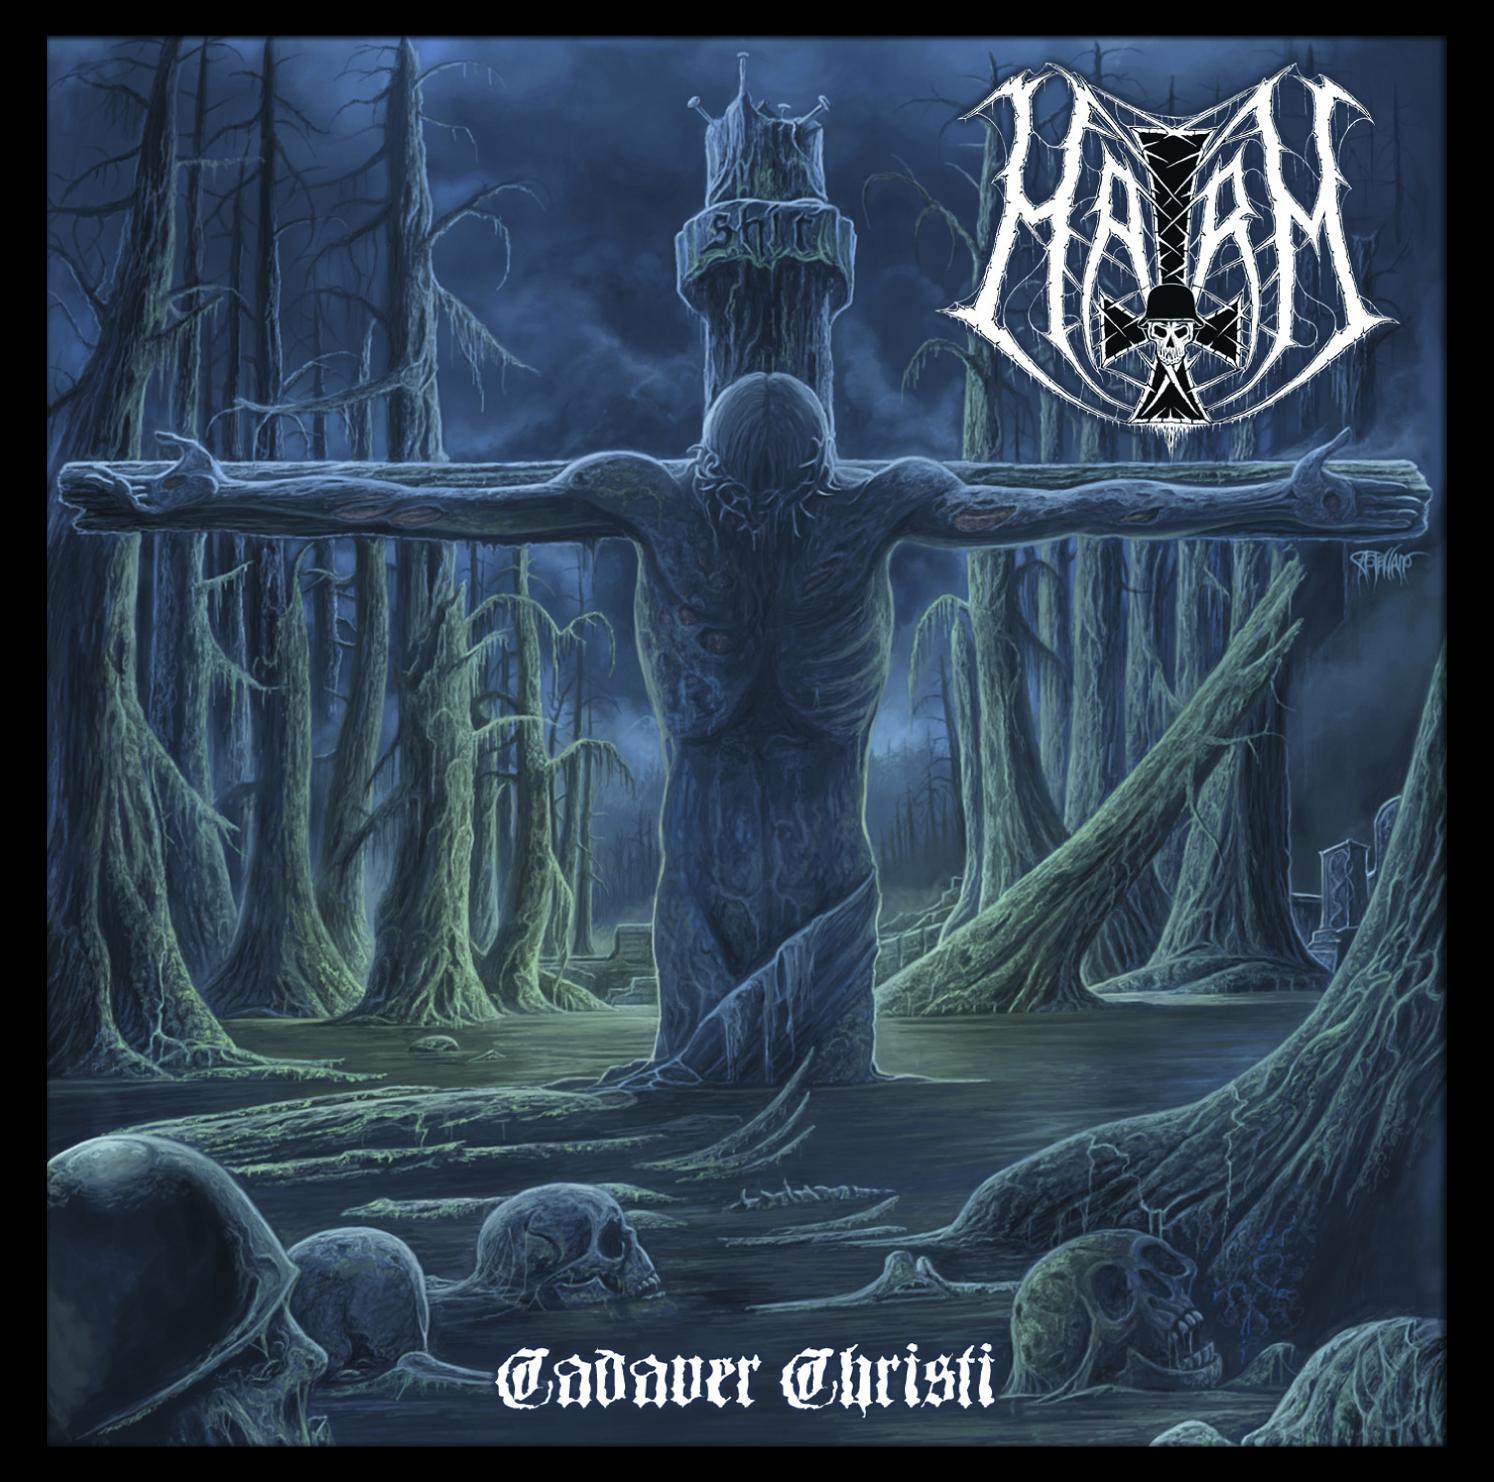 Harm – Cadaver Christi